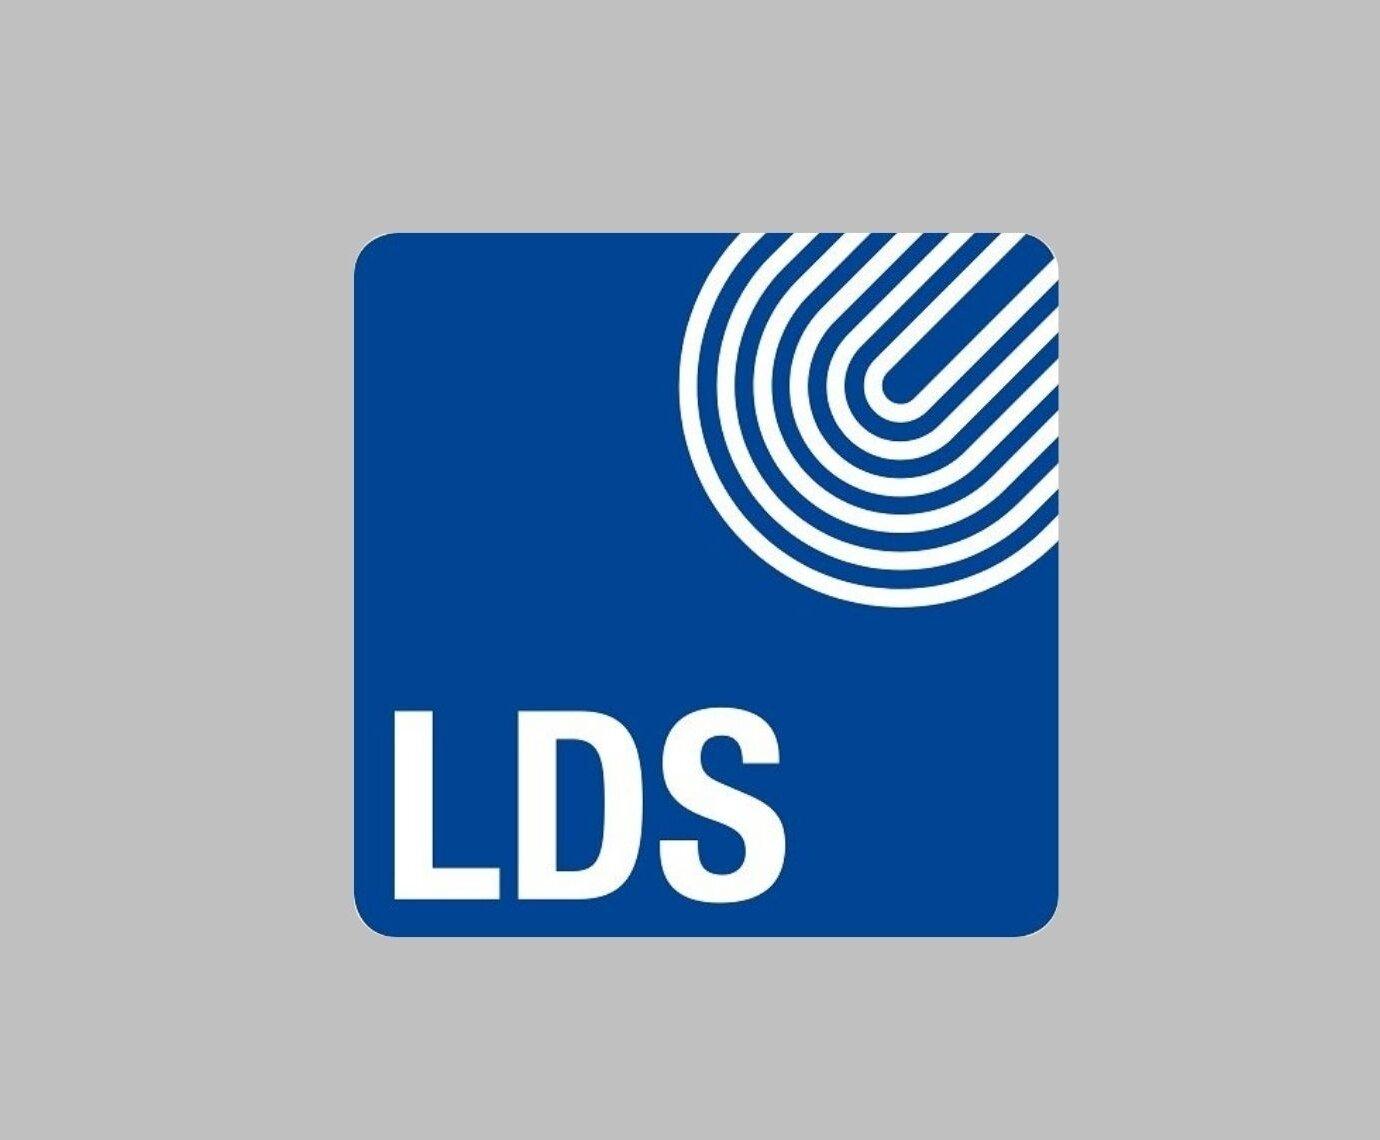 LDS 600 Pixel